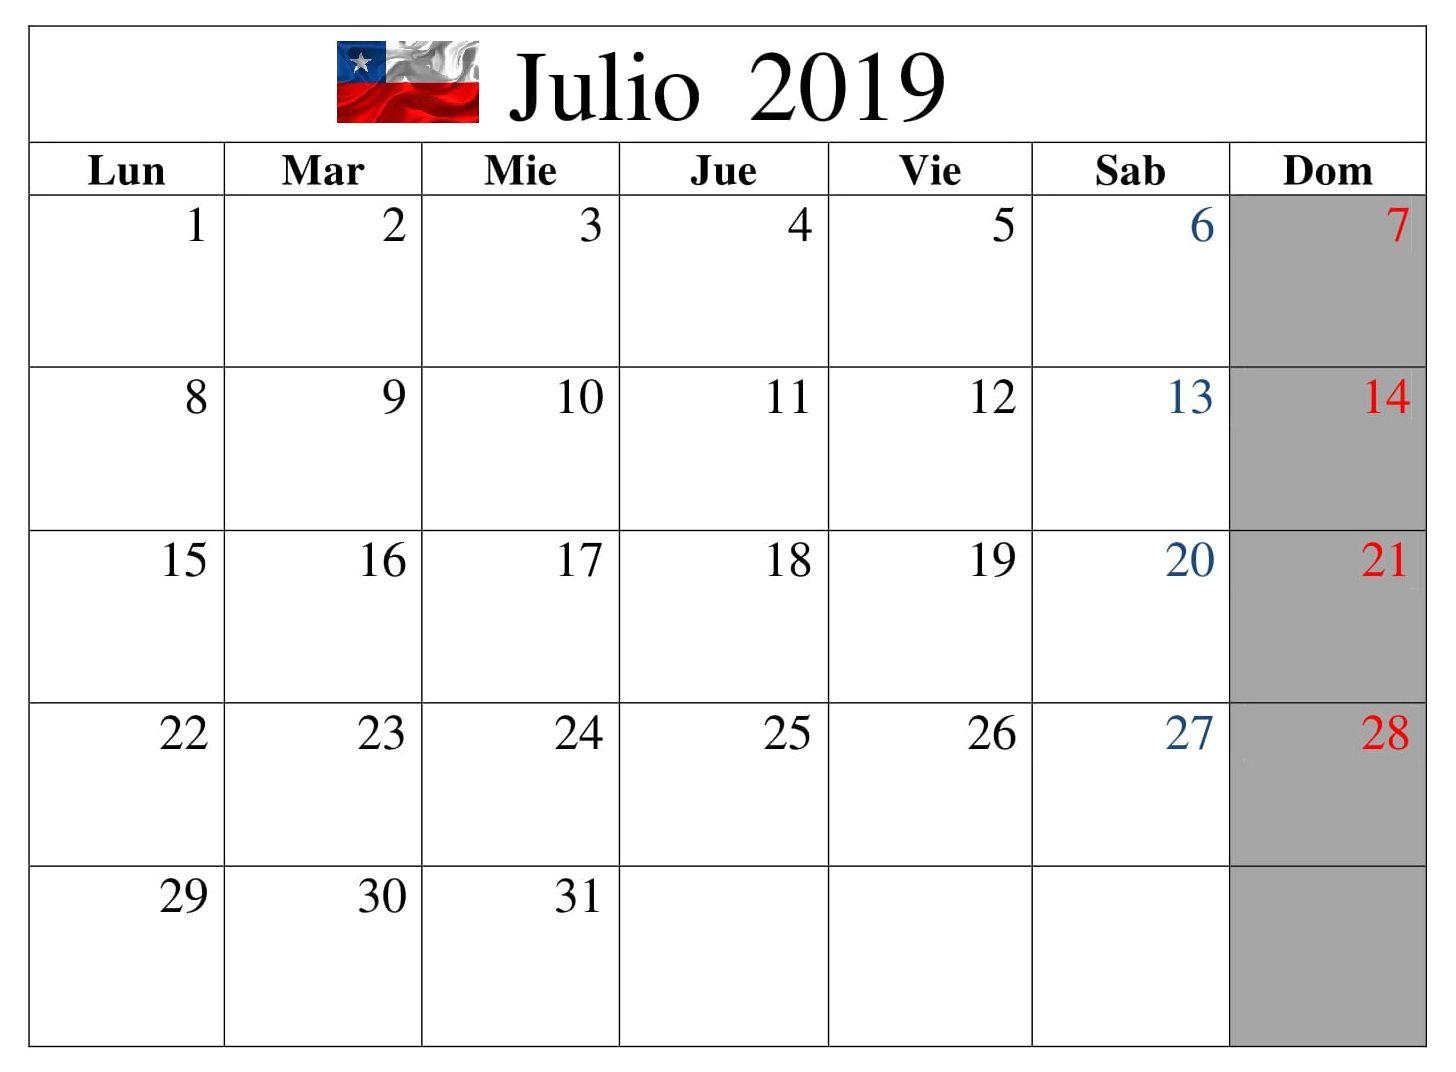 Calendario 2019 Julio Chile.Calendario Julio 2019 Estilos Chile Calendario Julio 2019